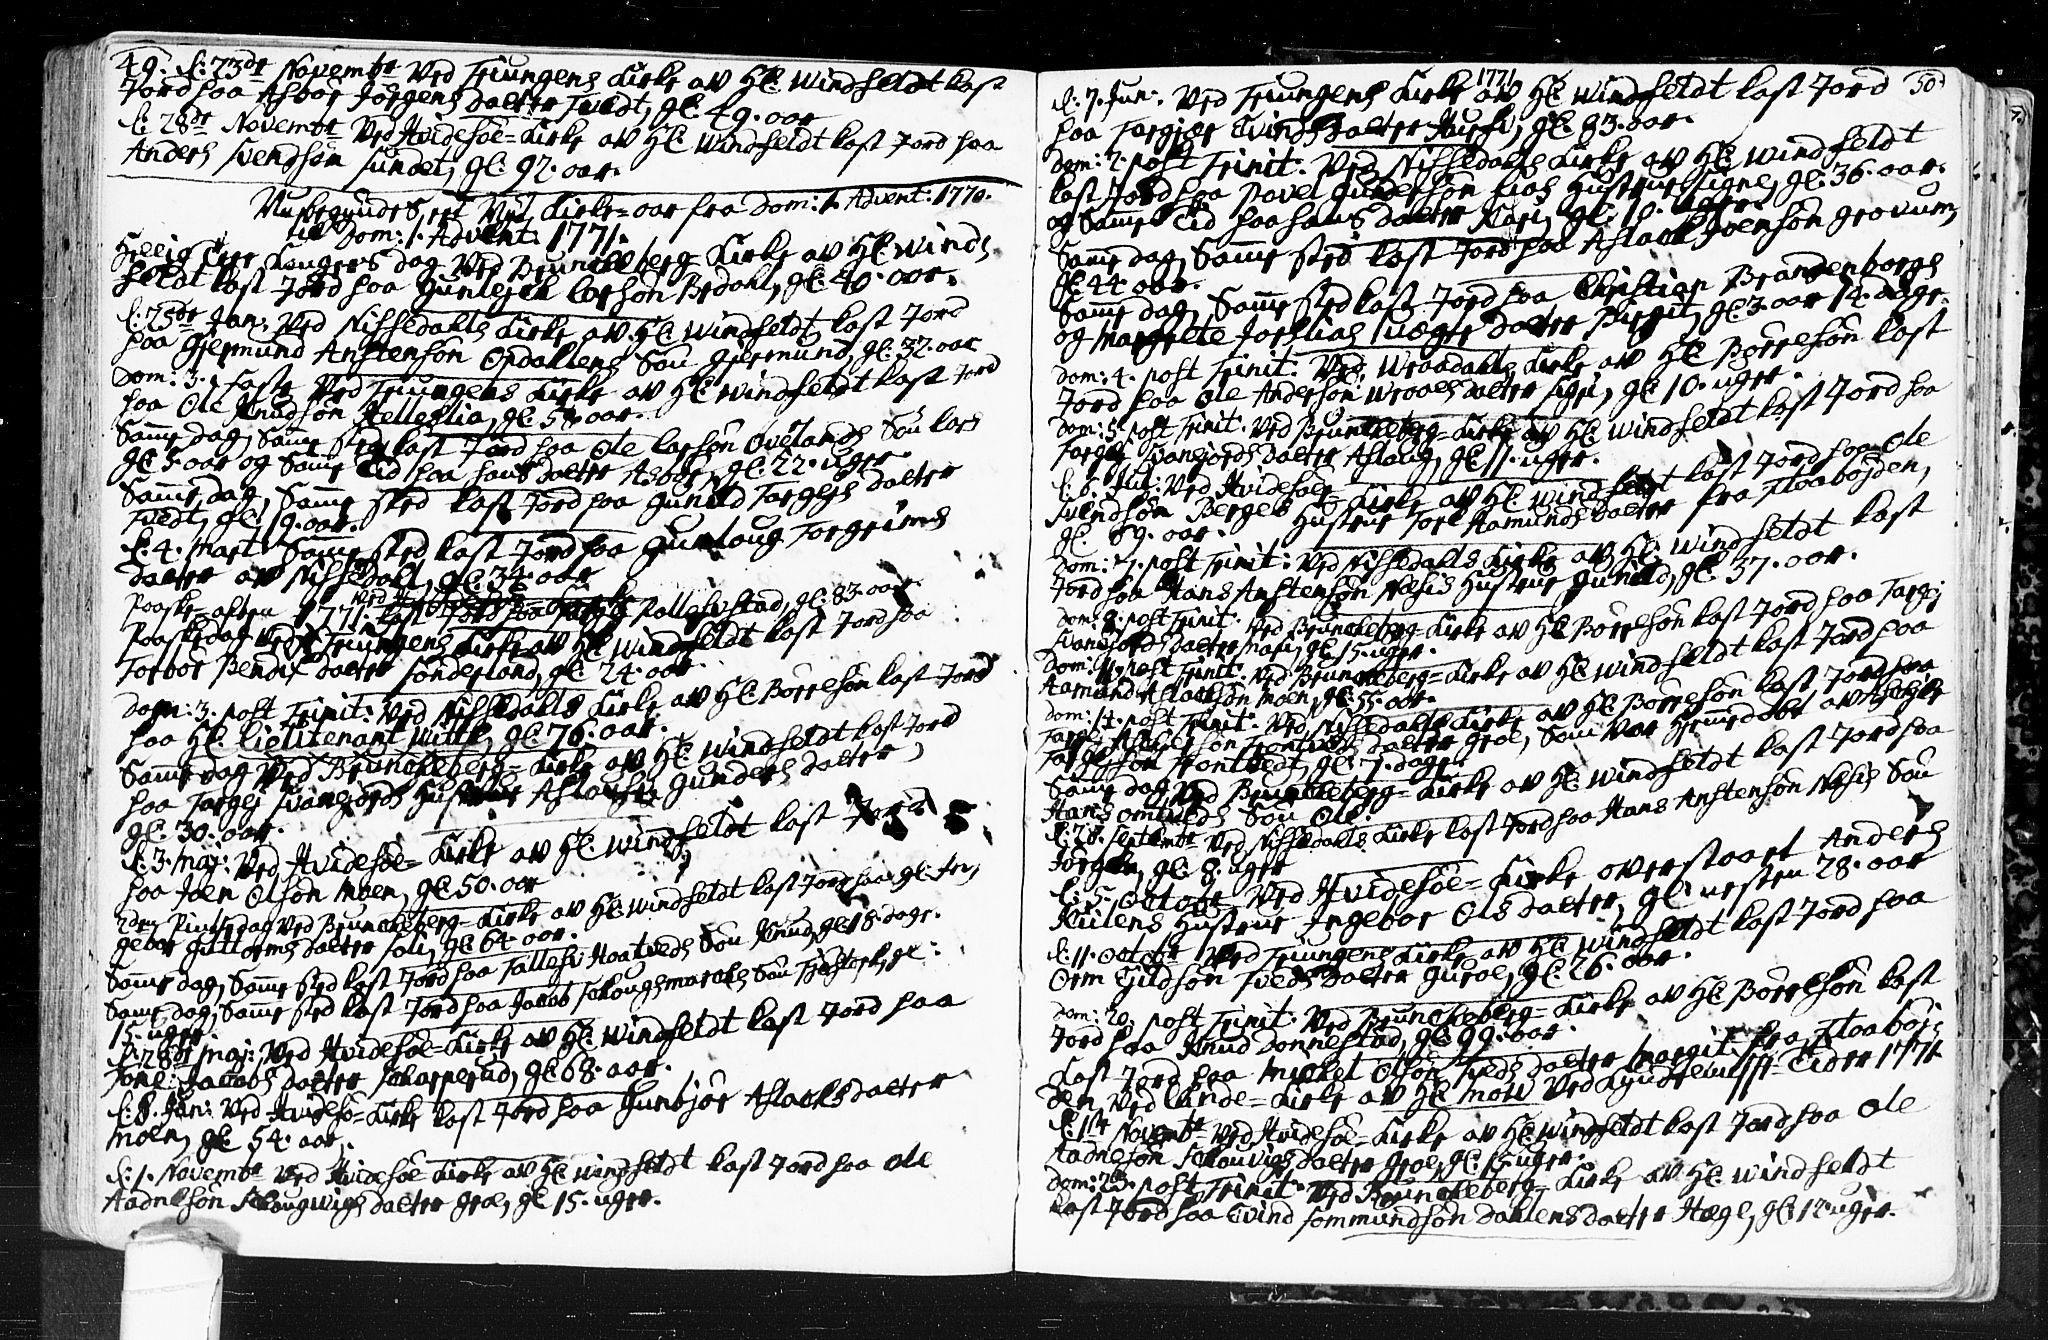 SAKO, Kviteseid kirkebøker, F/Fa/L0001: Ministerialbok nr. I 1, 1754-1773, s. 49-50